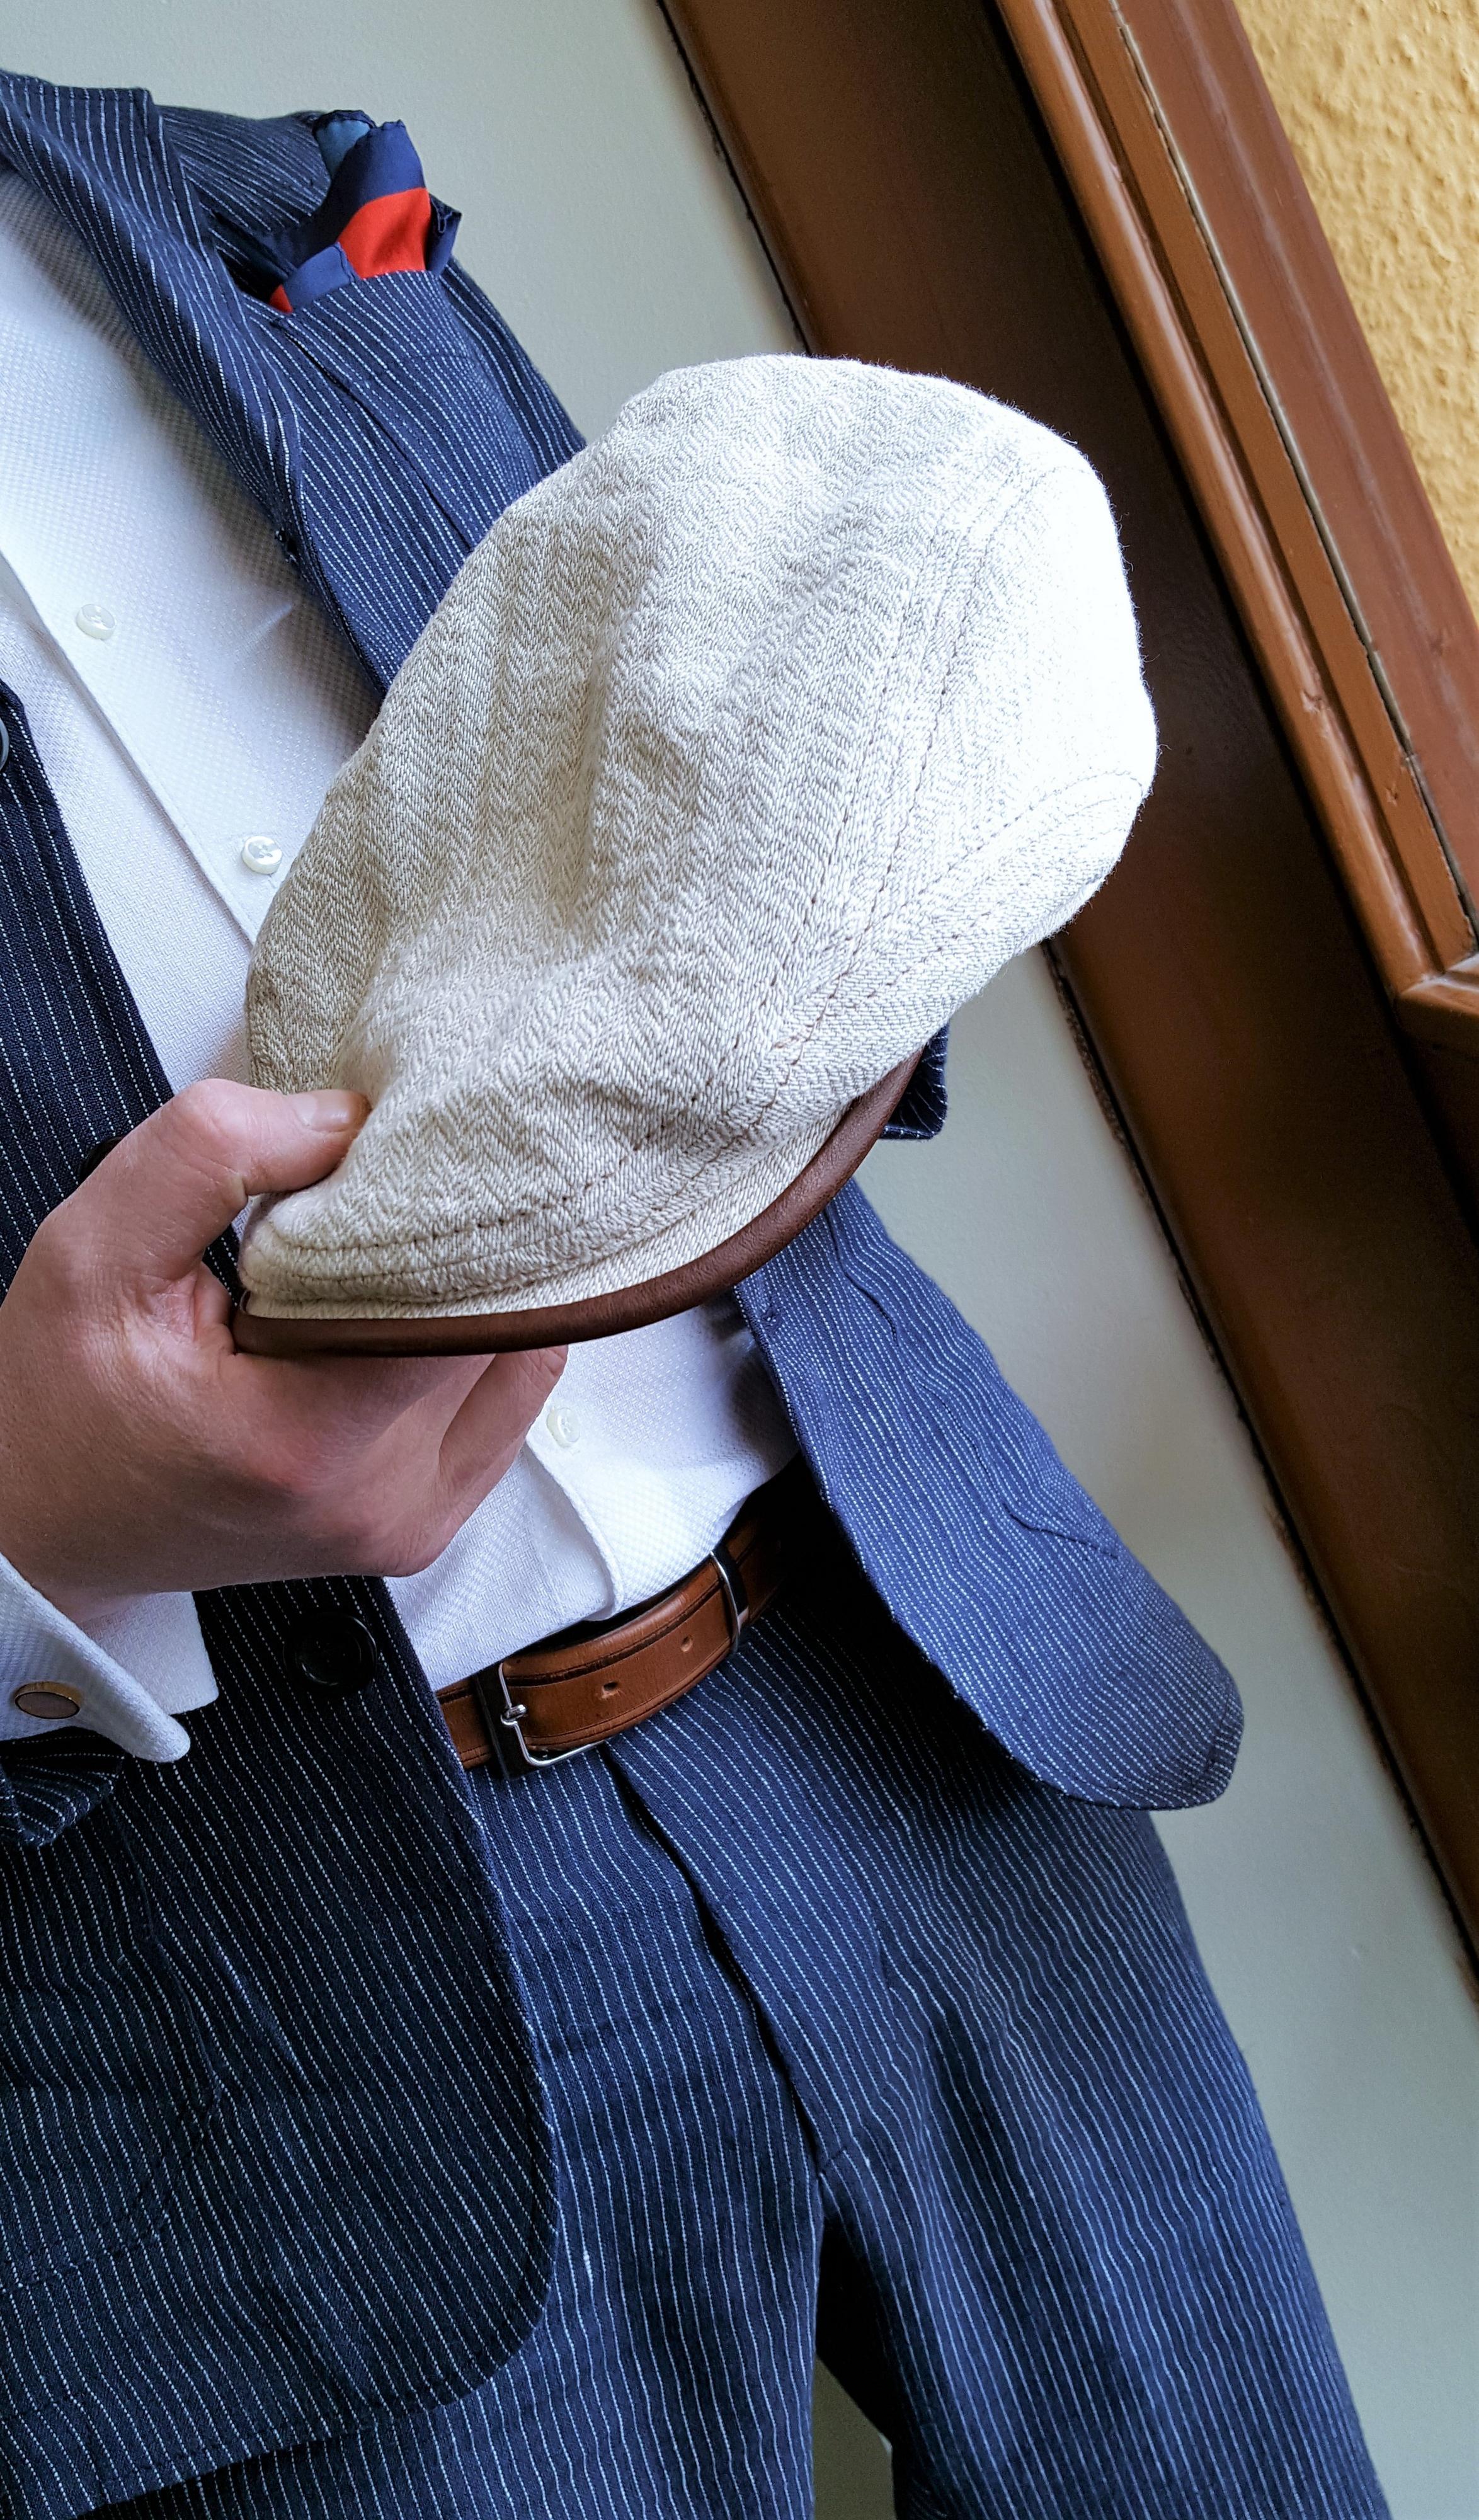 Miesten vaatteet Jyväskylä Frenn Helsinki raitaa ja pellavaa 3 ... 67aa0c2c52